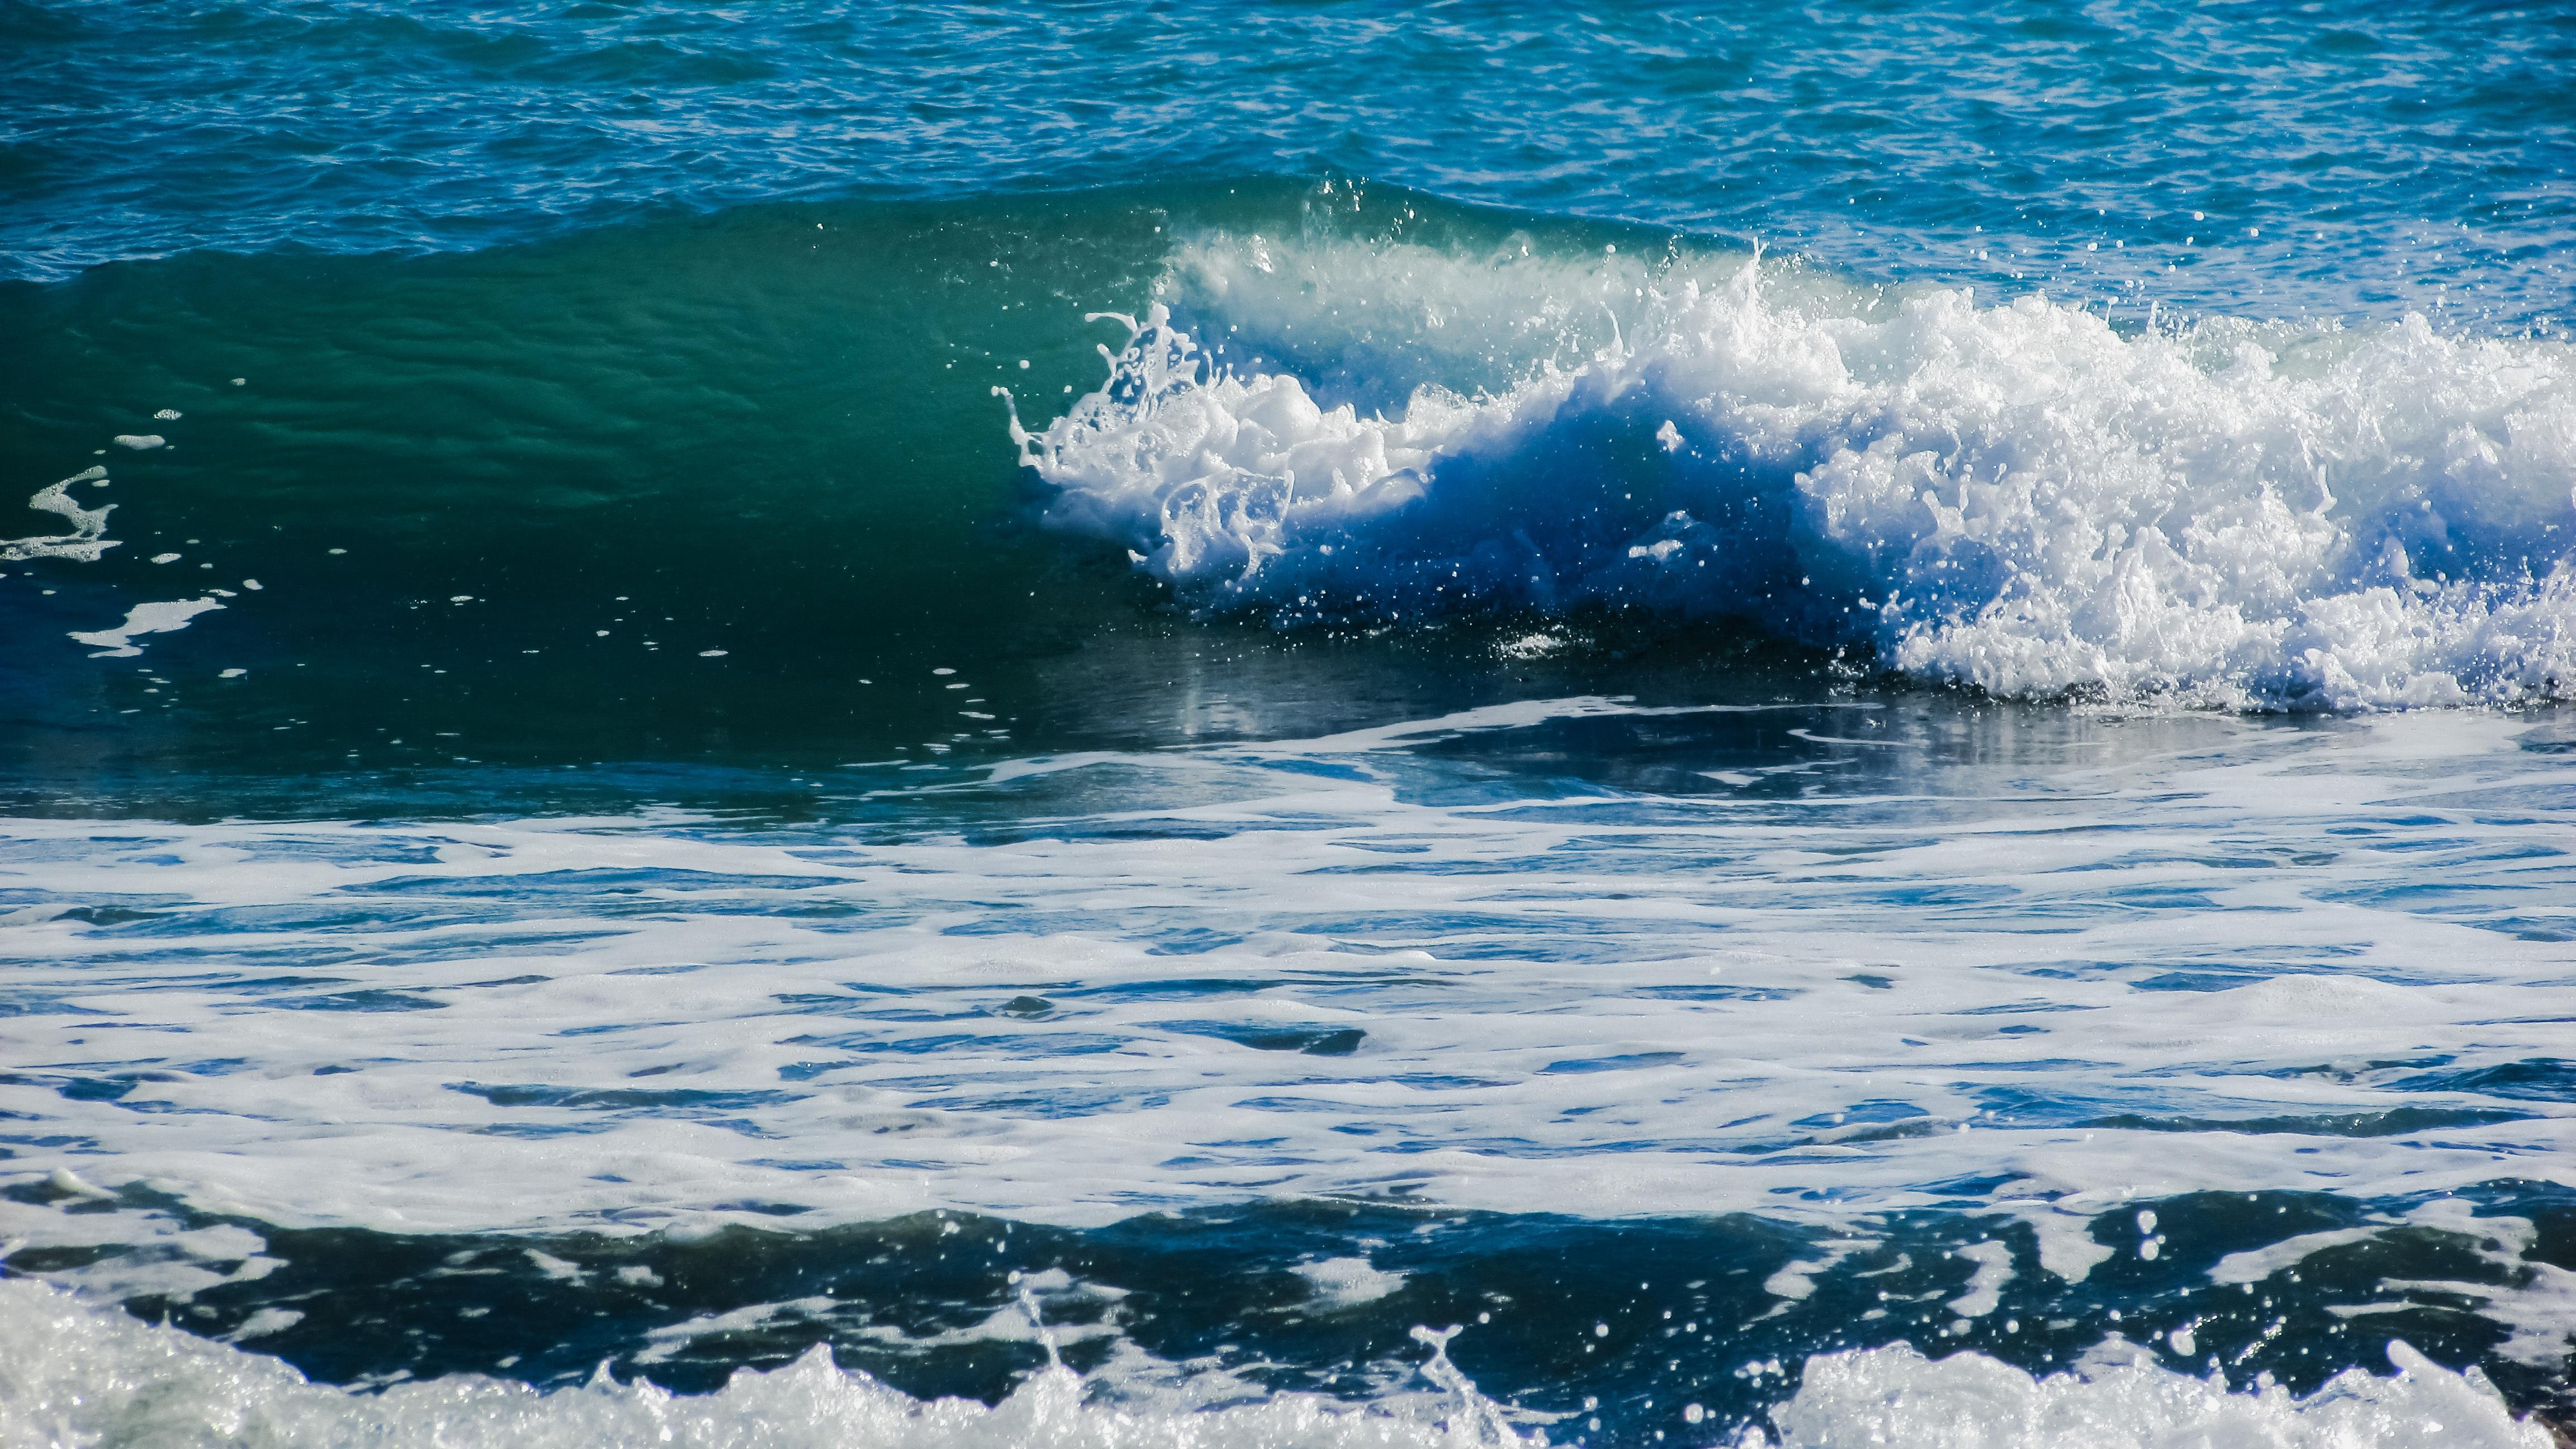 печалься никогда, картинки морские волны анимация кабалье глубокой